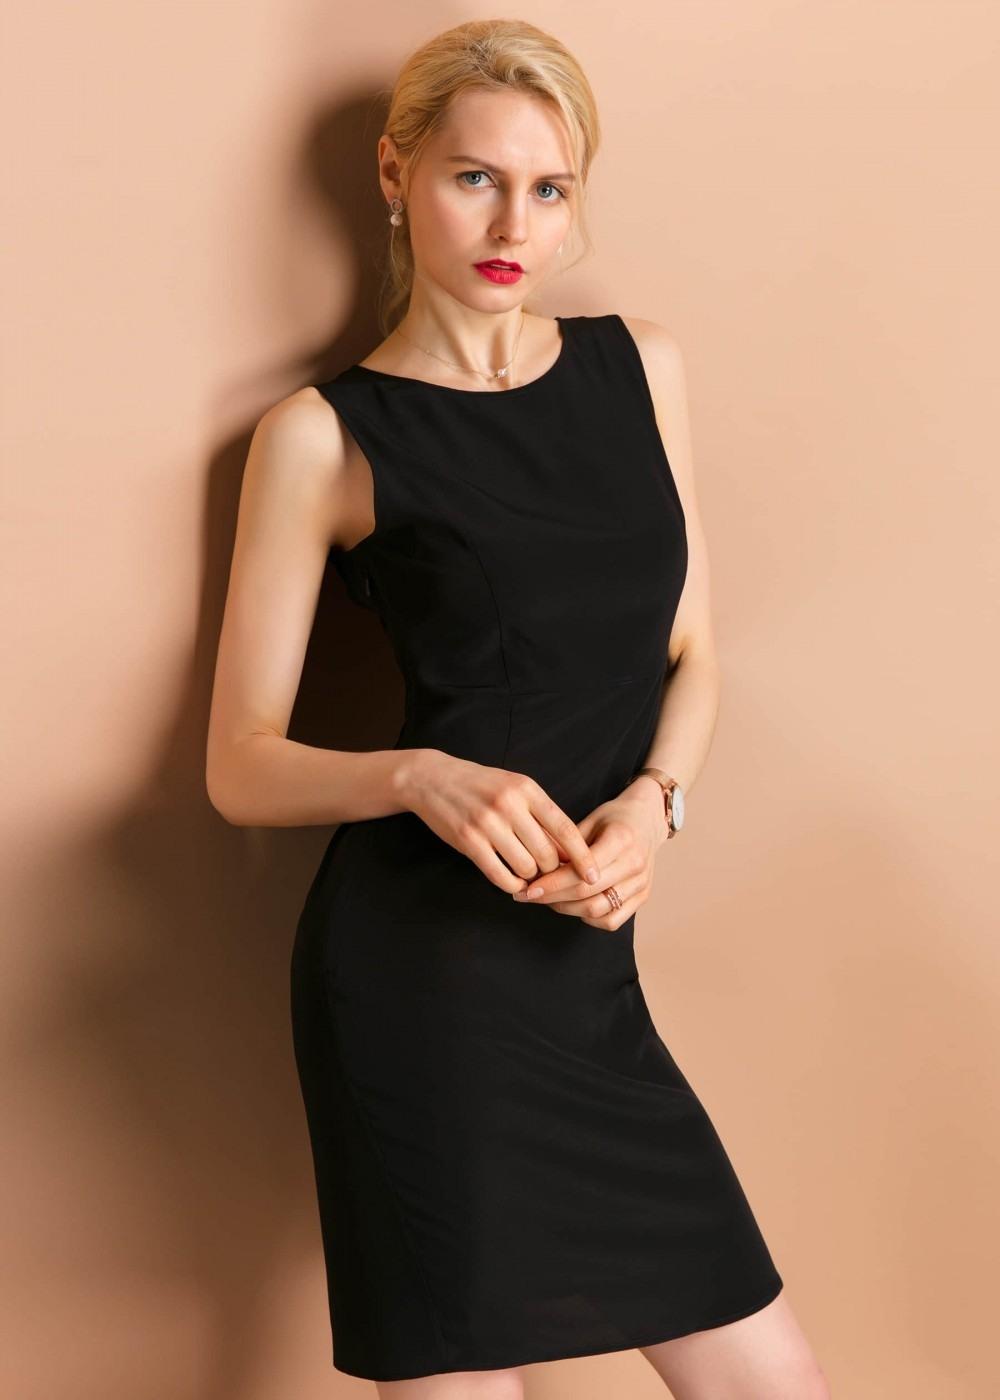 10 Großartig Schwarzes Kleid Design13 Luxus Schwarzes Kleid Stylish